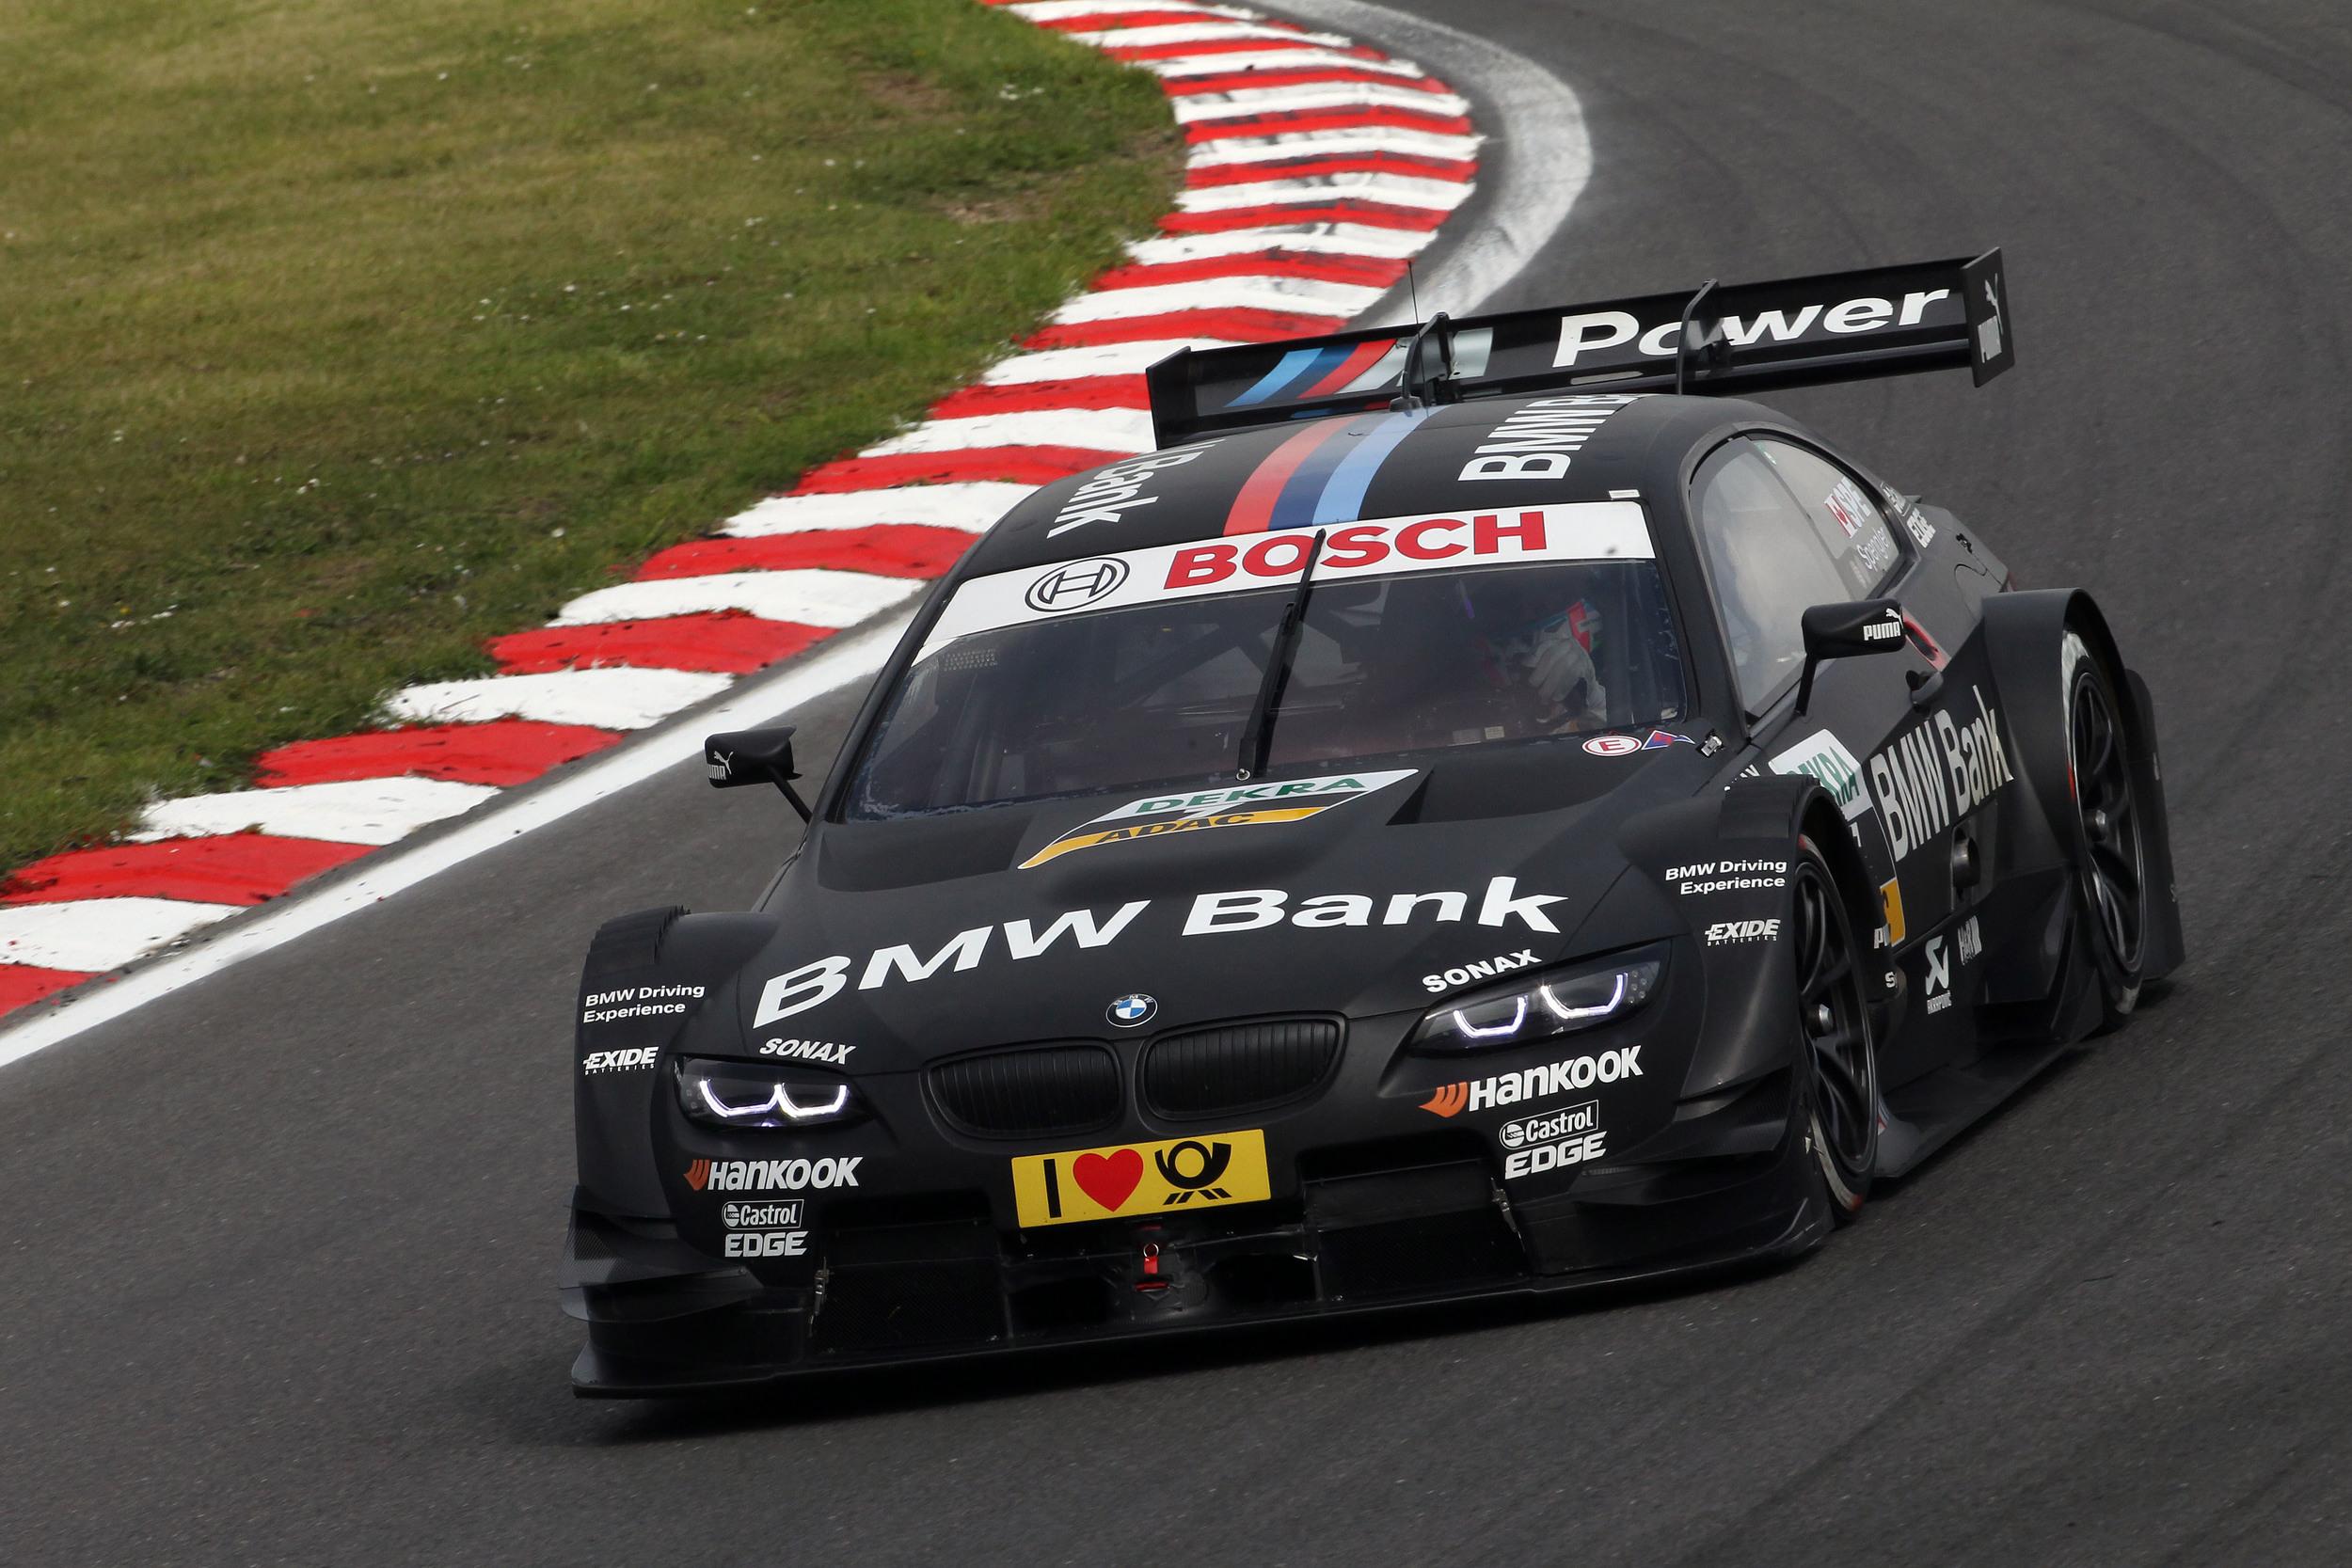 Bruno-Spengler-BMW-DTM-M3-M4-4.jpg